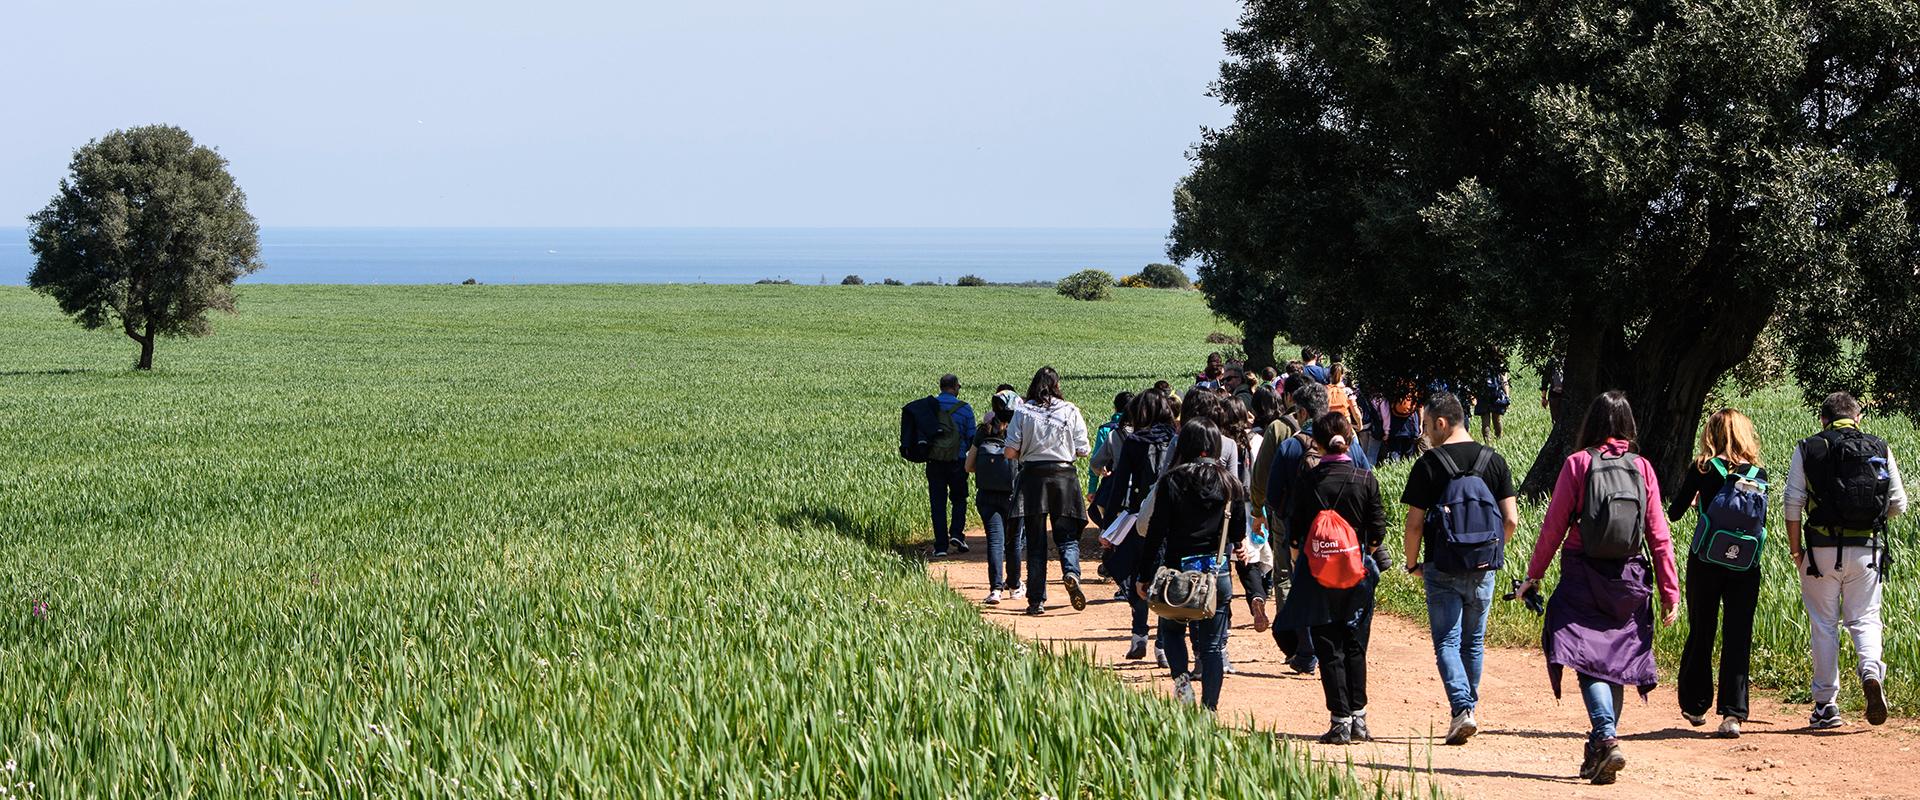 Escursioni guidate e trekking in Puglia